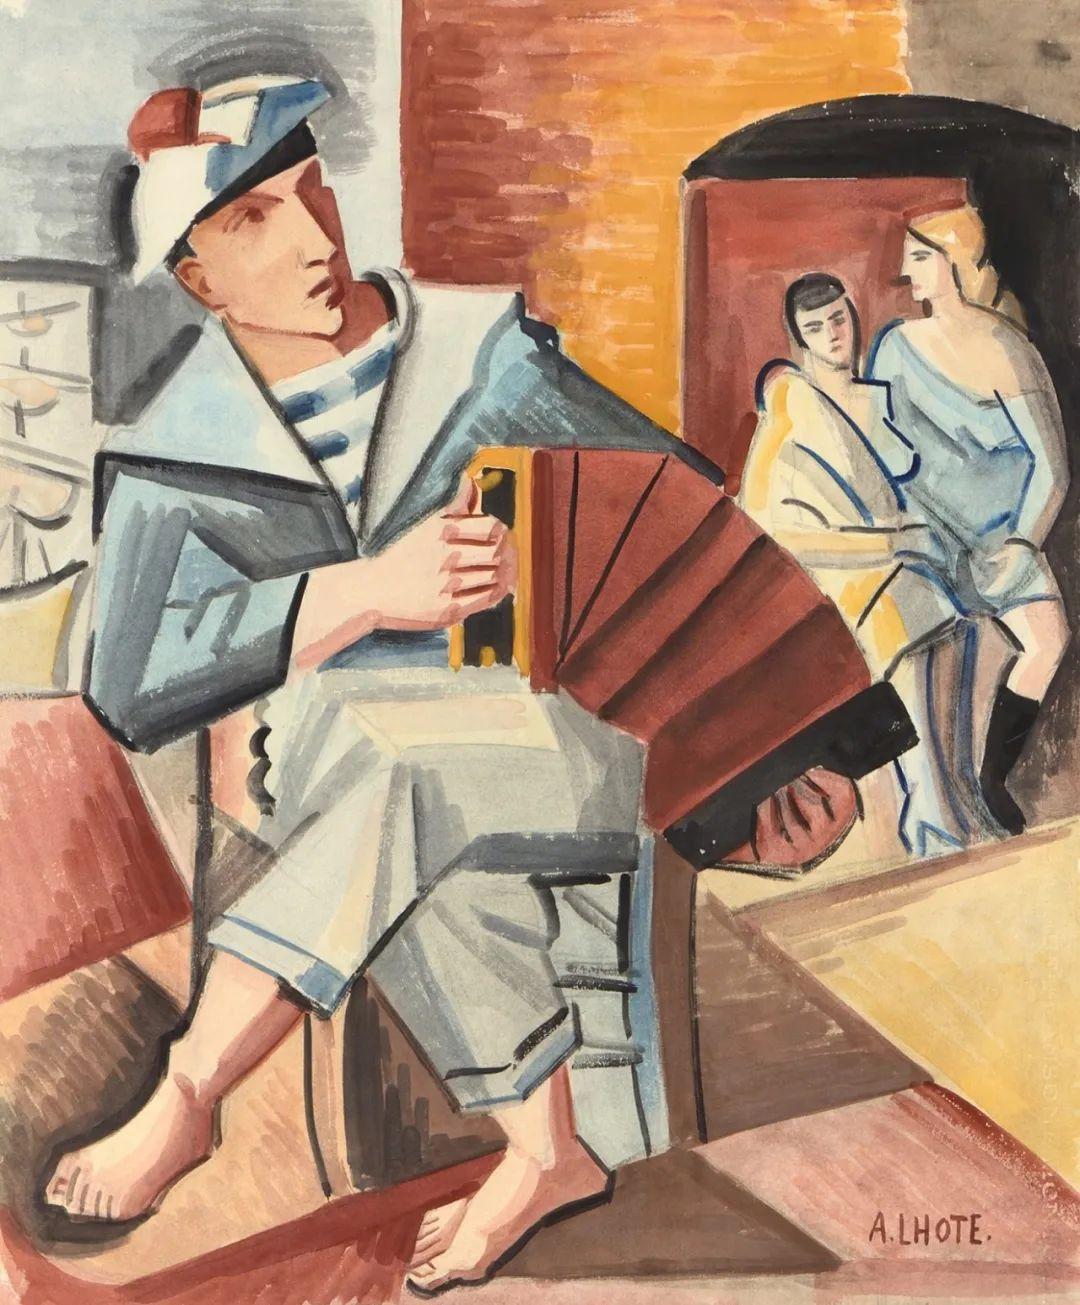 立体派,法国画家安德烈·洛特插图93